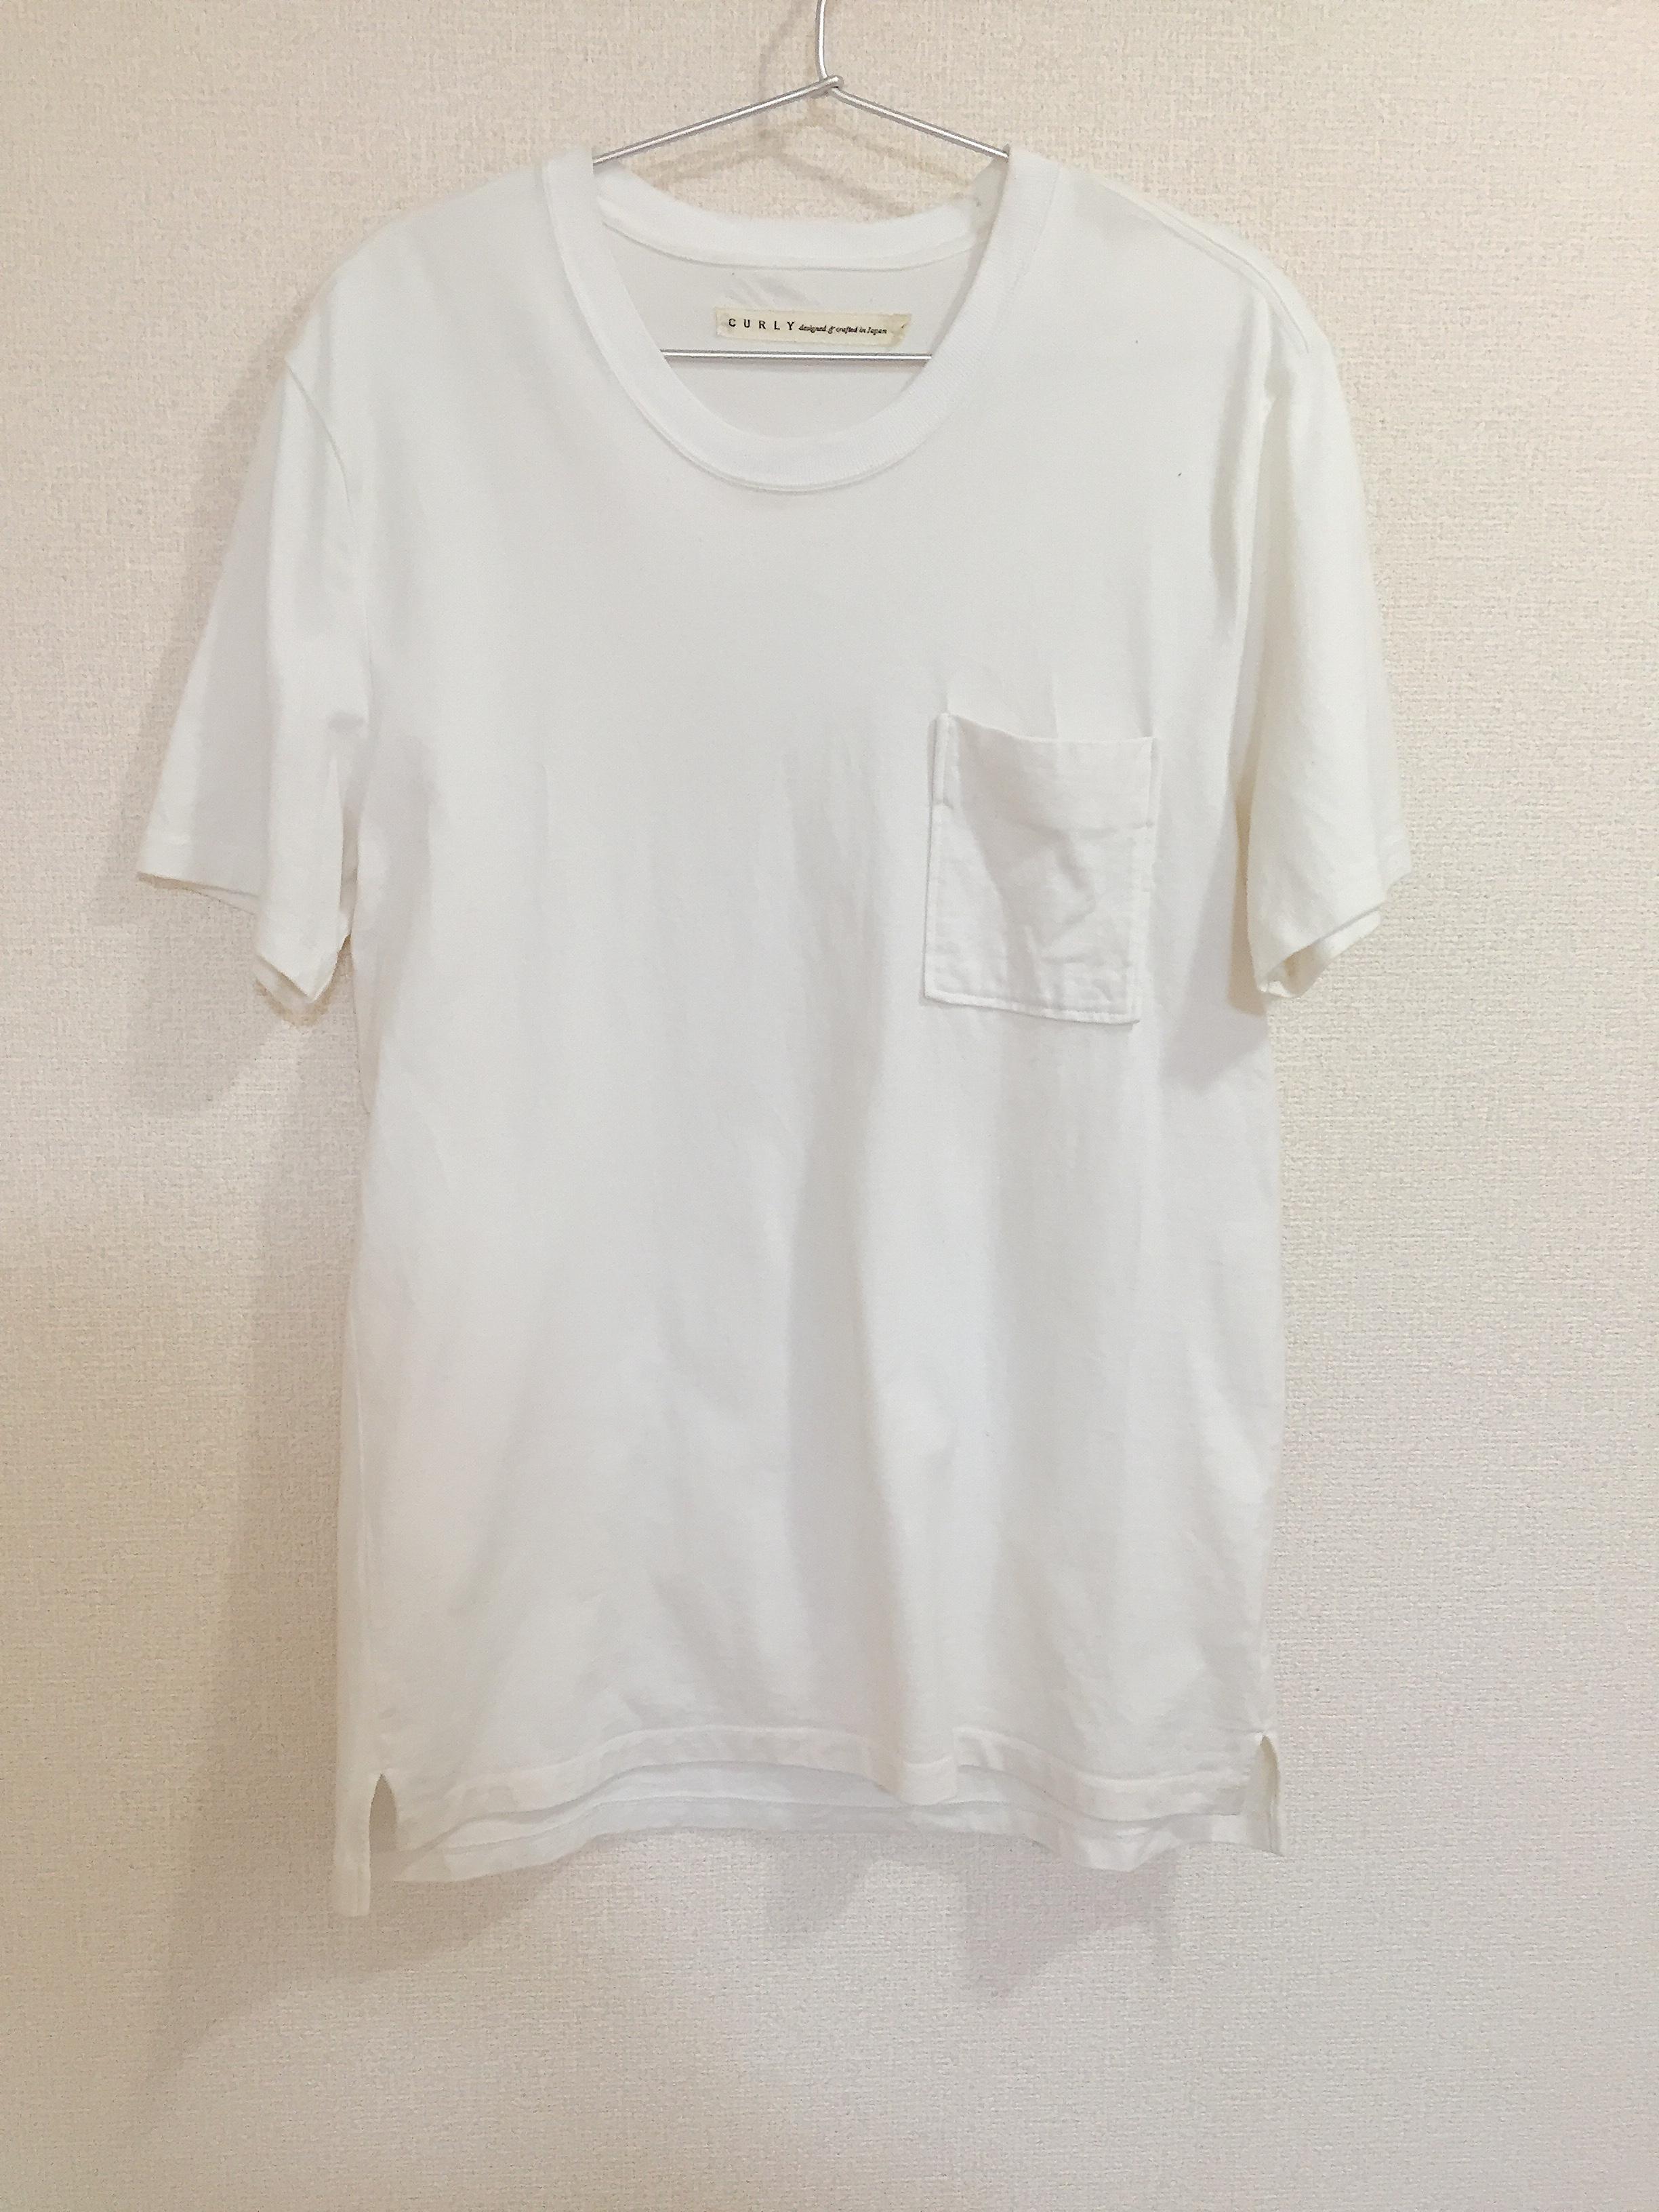 CURLYの白Tシャツ